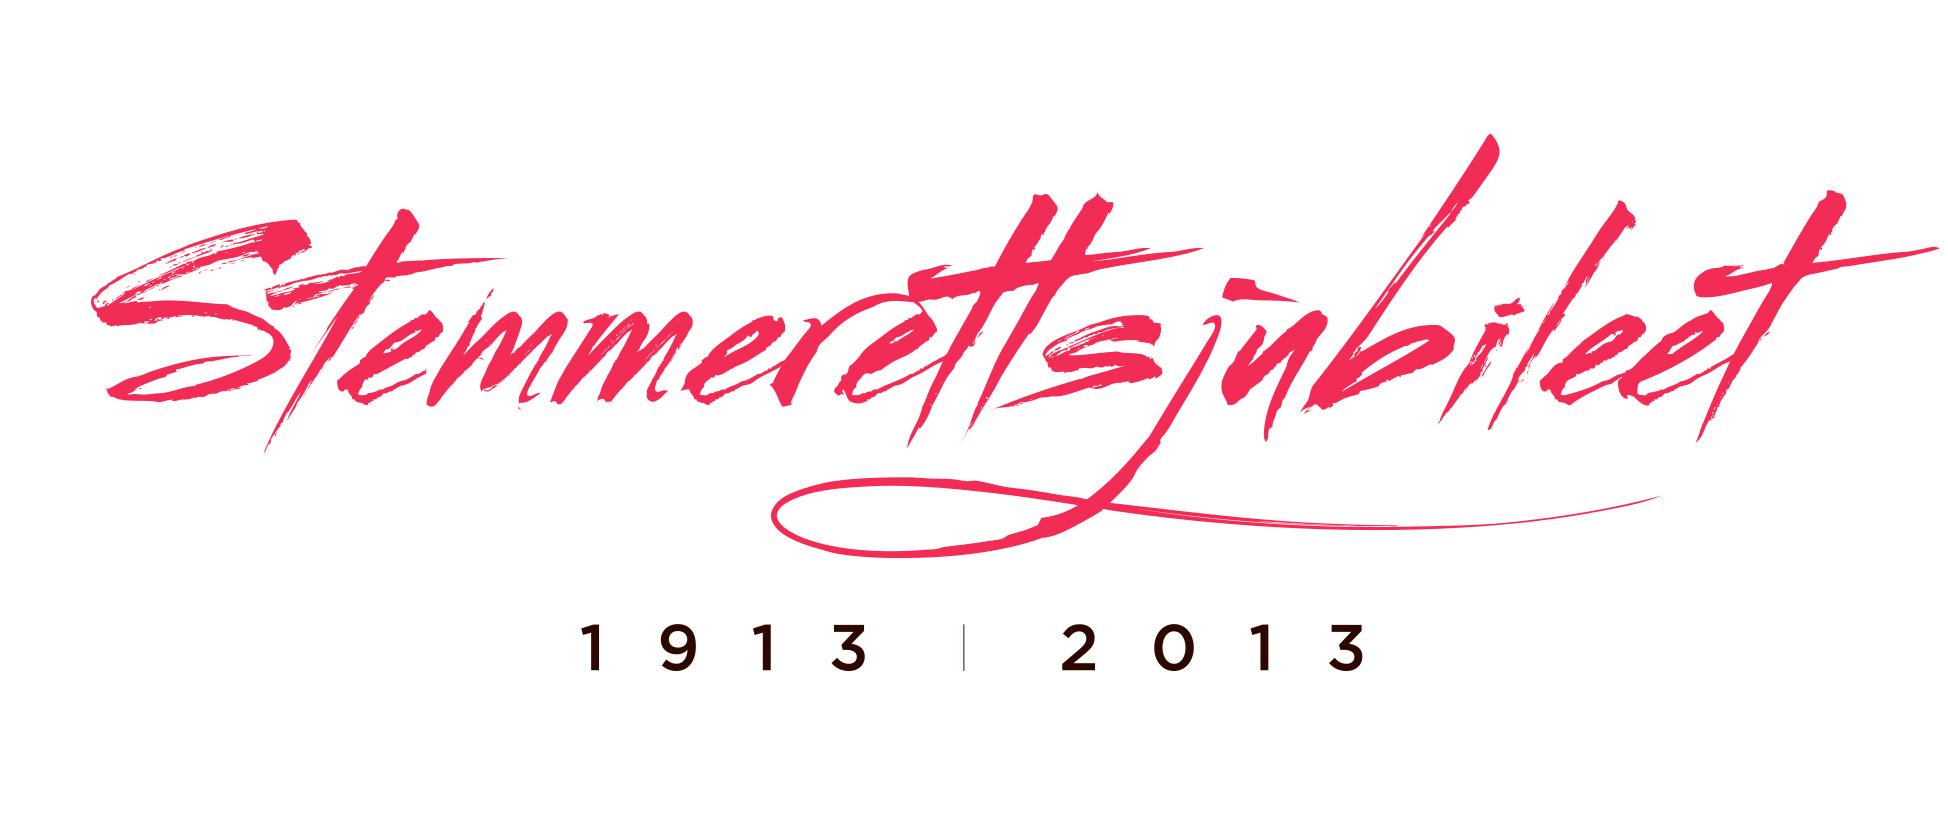 Logoen til Stemmerettsjubileet 2013